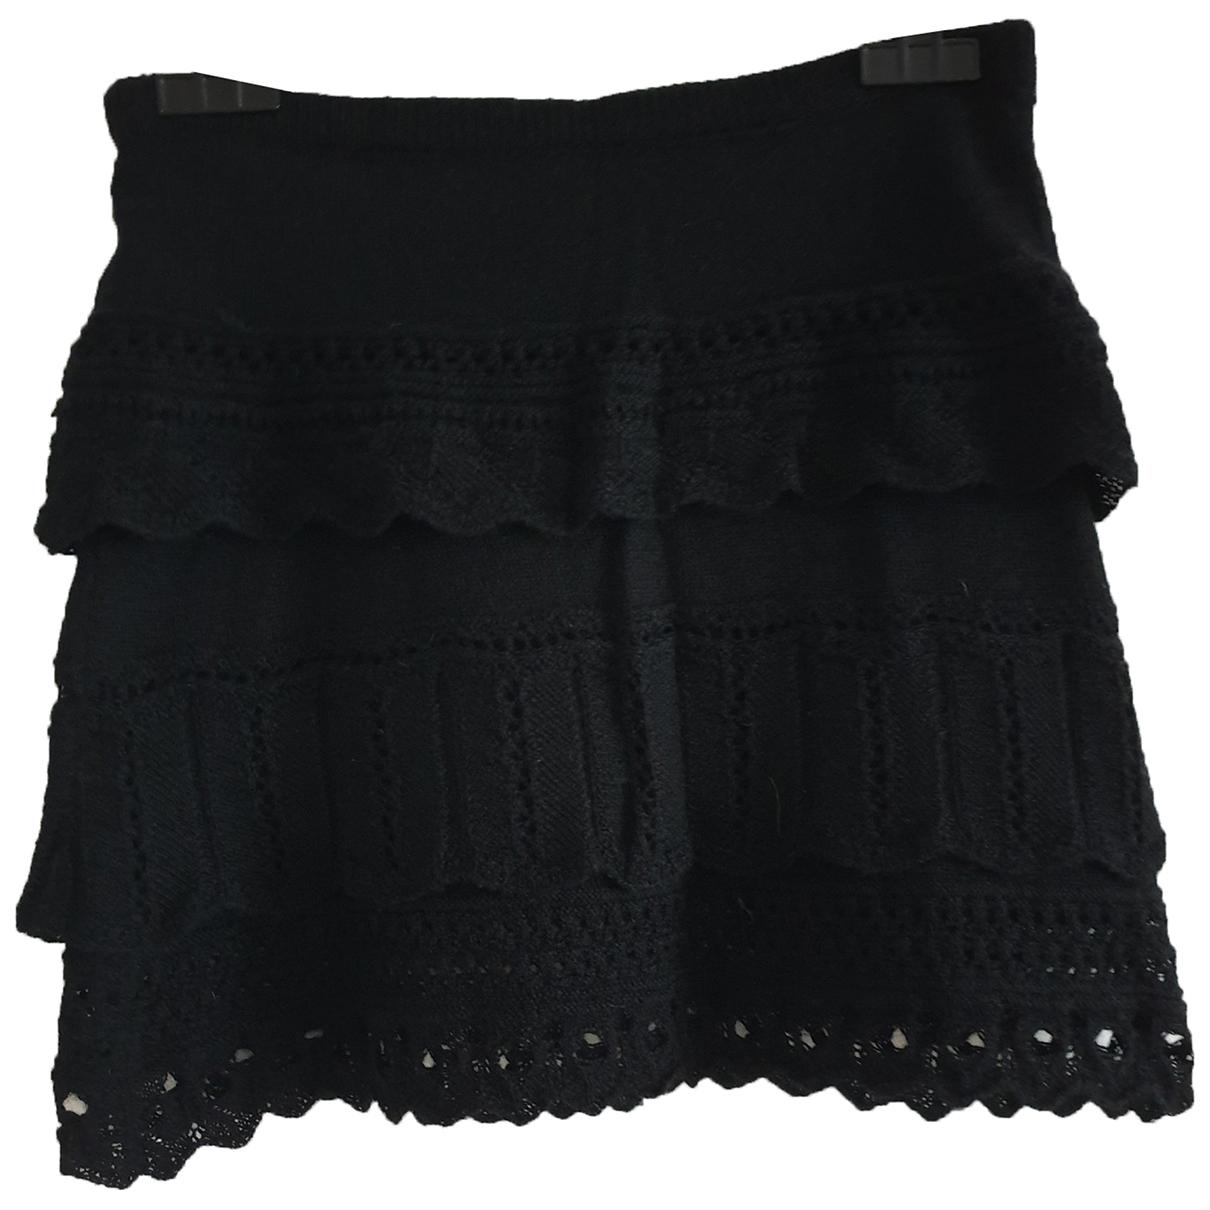 Joseph \N Black Cashmere skirt for Women 36 FR